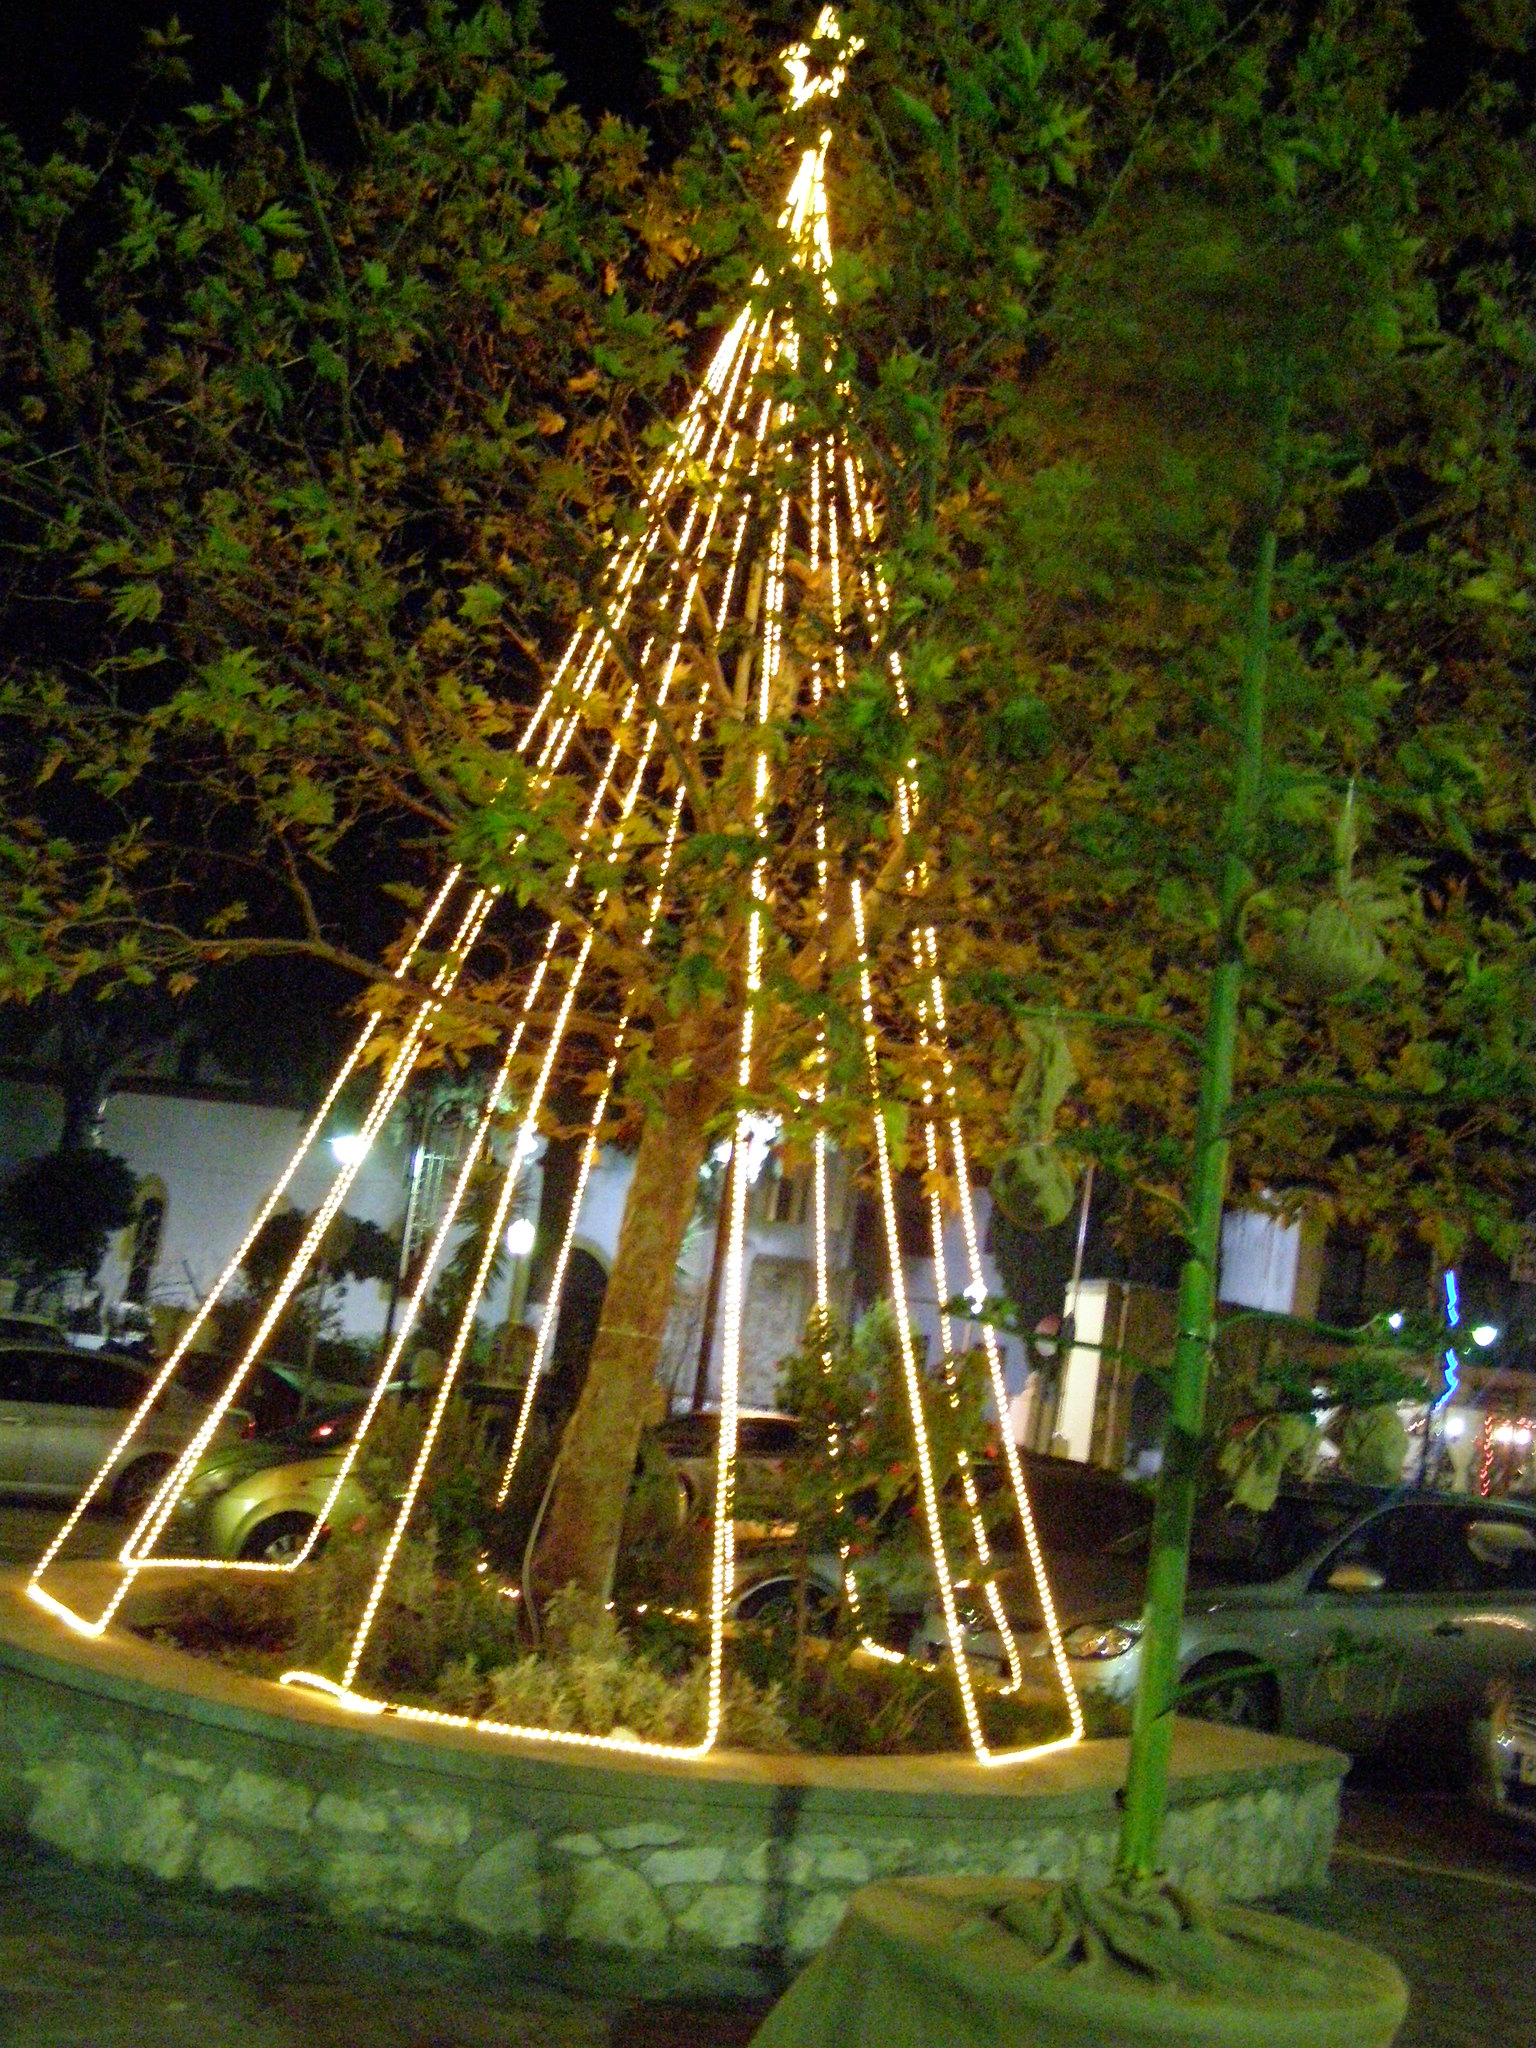 Χριστουγεννιάτικη Γιορτή, Ψίνθος 28/12/2014